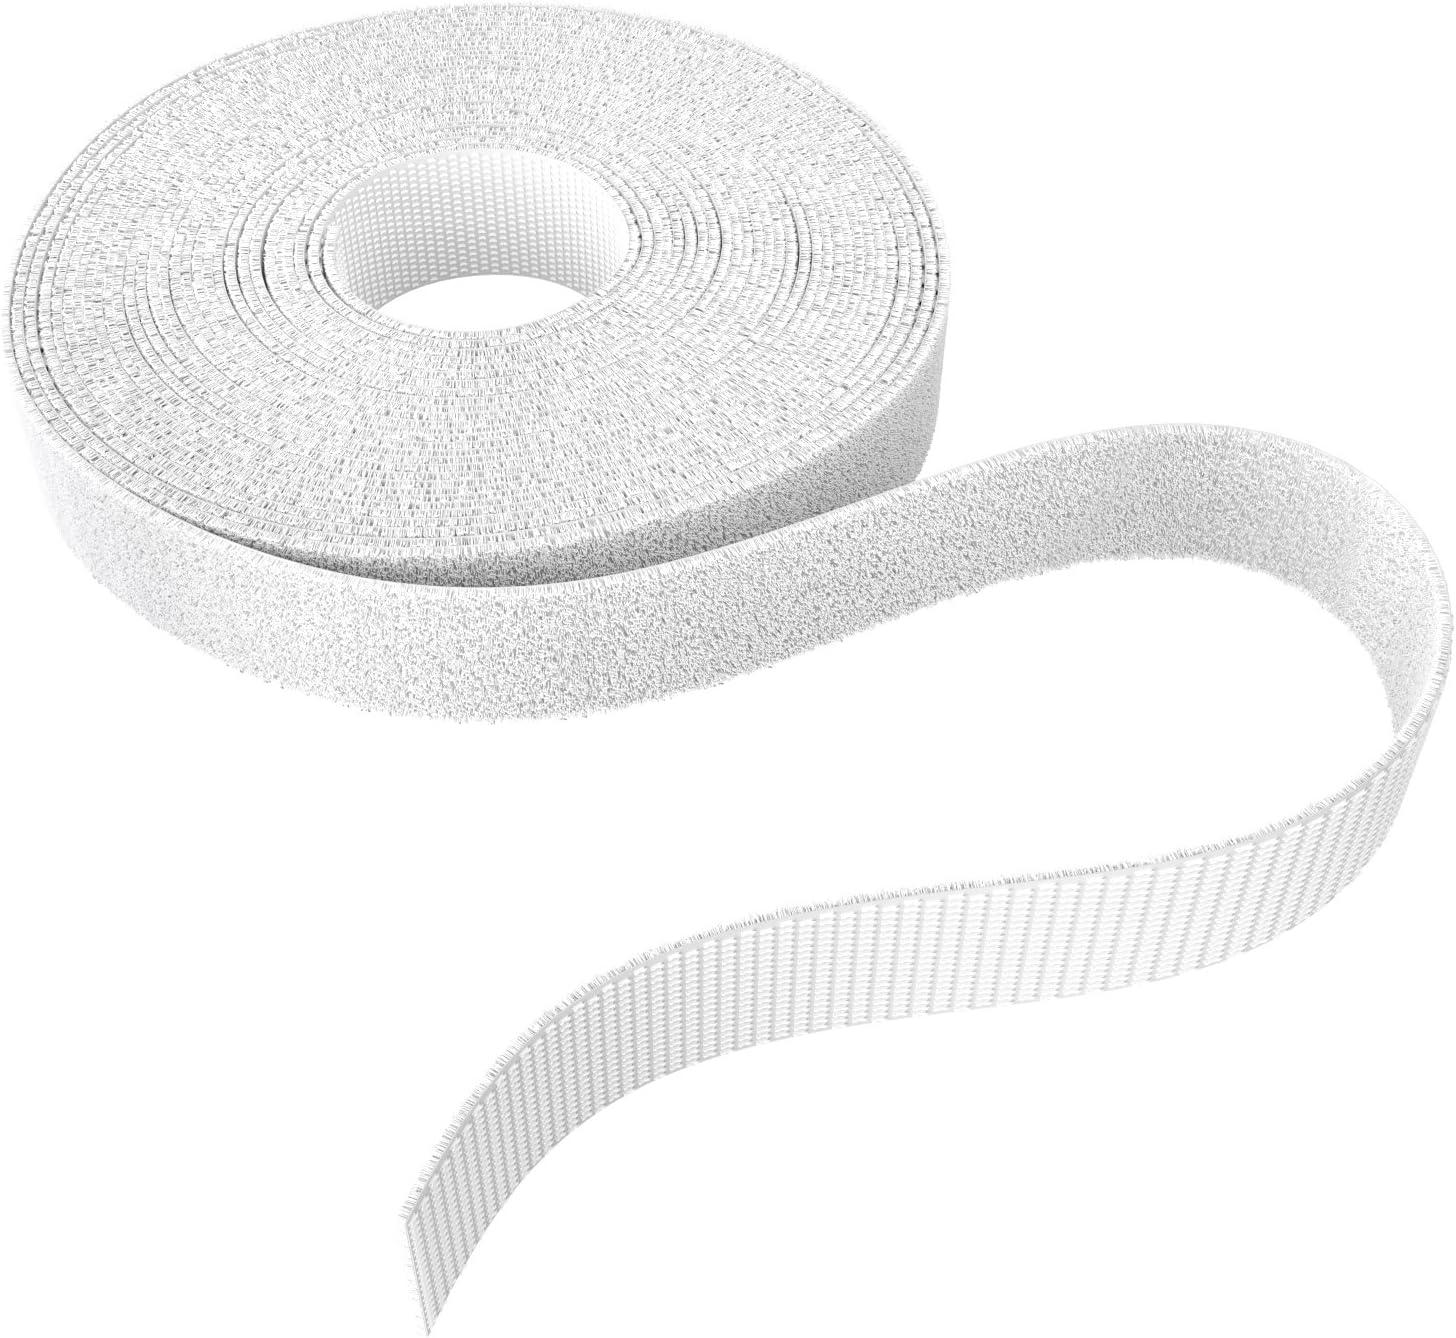 , KabelDirekt 12,5 mm x 5m Abrazaderas para Cables, Abrazaderas para Cables, en Rollo, para acortamiento Individual, Atar y Tender Cables, Blanco